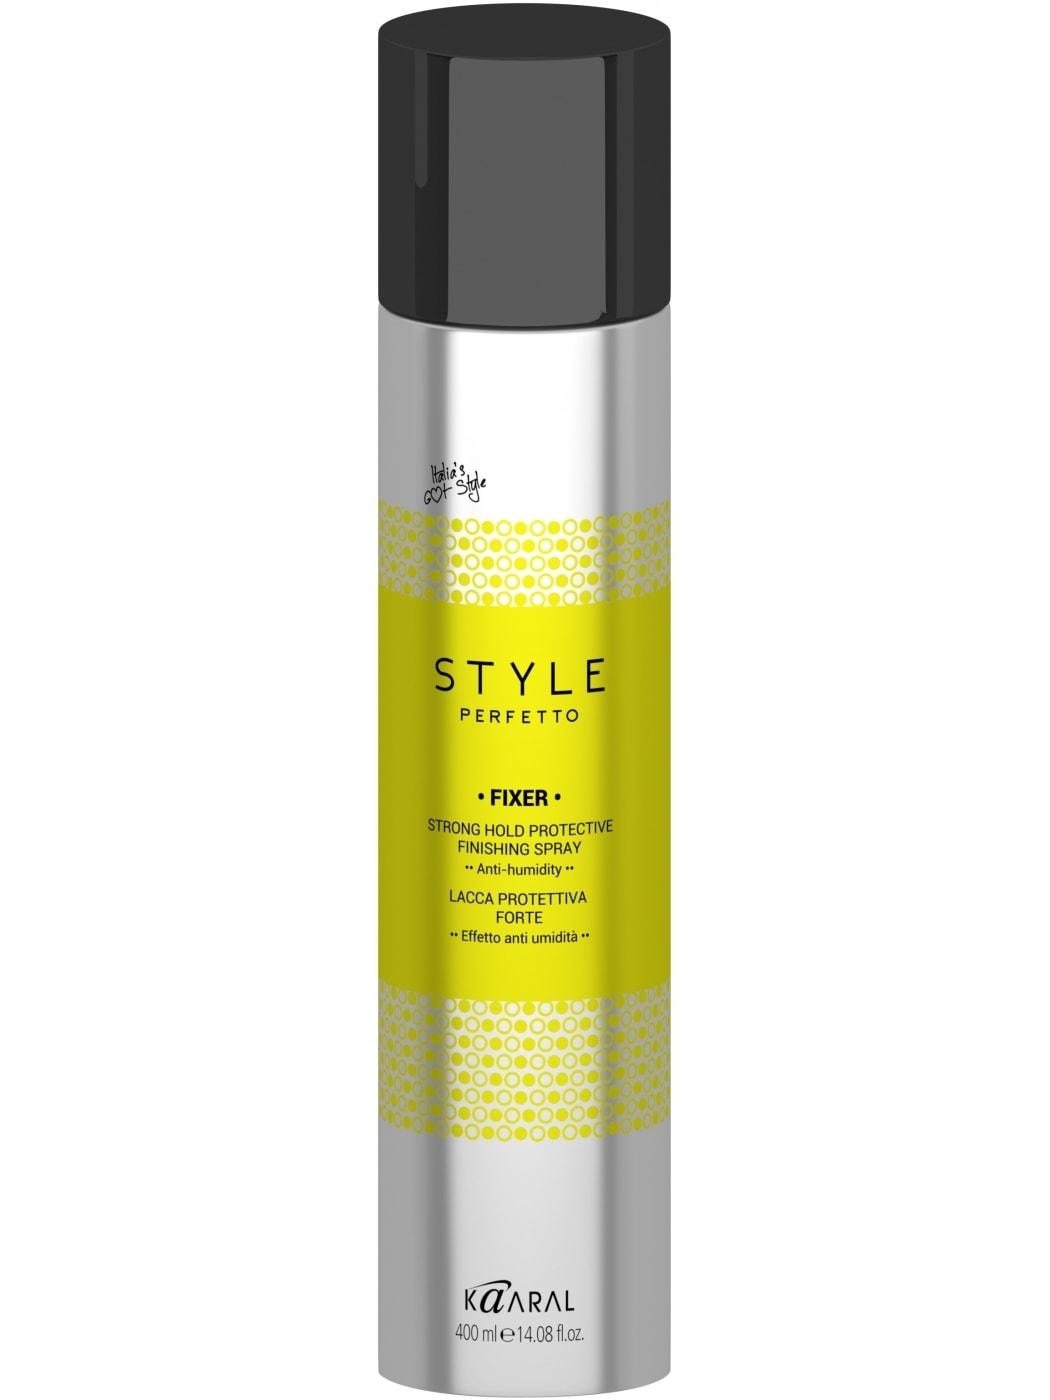 Kaaral Защитный лак для волос сильной фиксации Style Perfetto Fixer Strong Hold Protective Finishing Spray, 400 млMP59.4DЗащитный лак с фиксацией средне-сильной степени создает форму, не утяжеляя волосы, оказывает защитное действие благодаря пантенолу. Лак сохраняет укладку длительное время, устойчив к влаге. Не пересушивает волосы, придает им блеск.